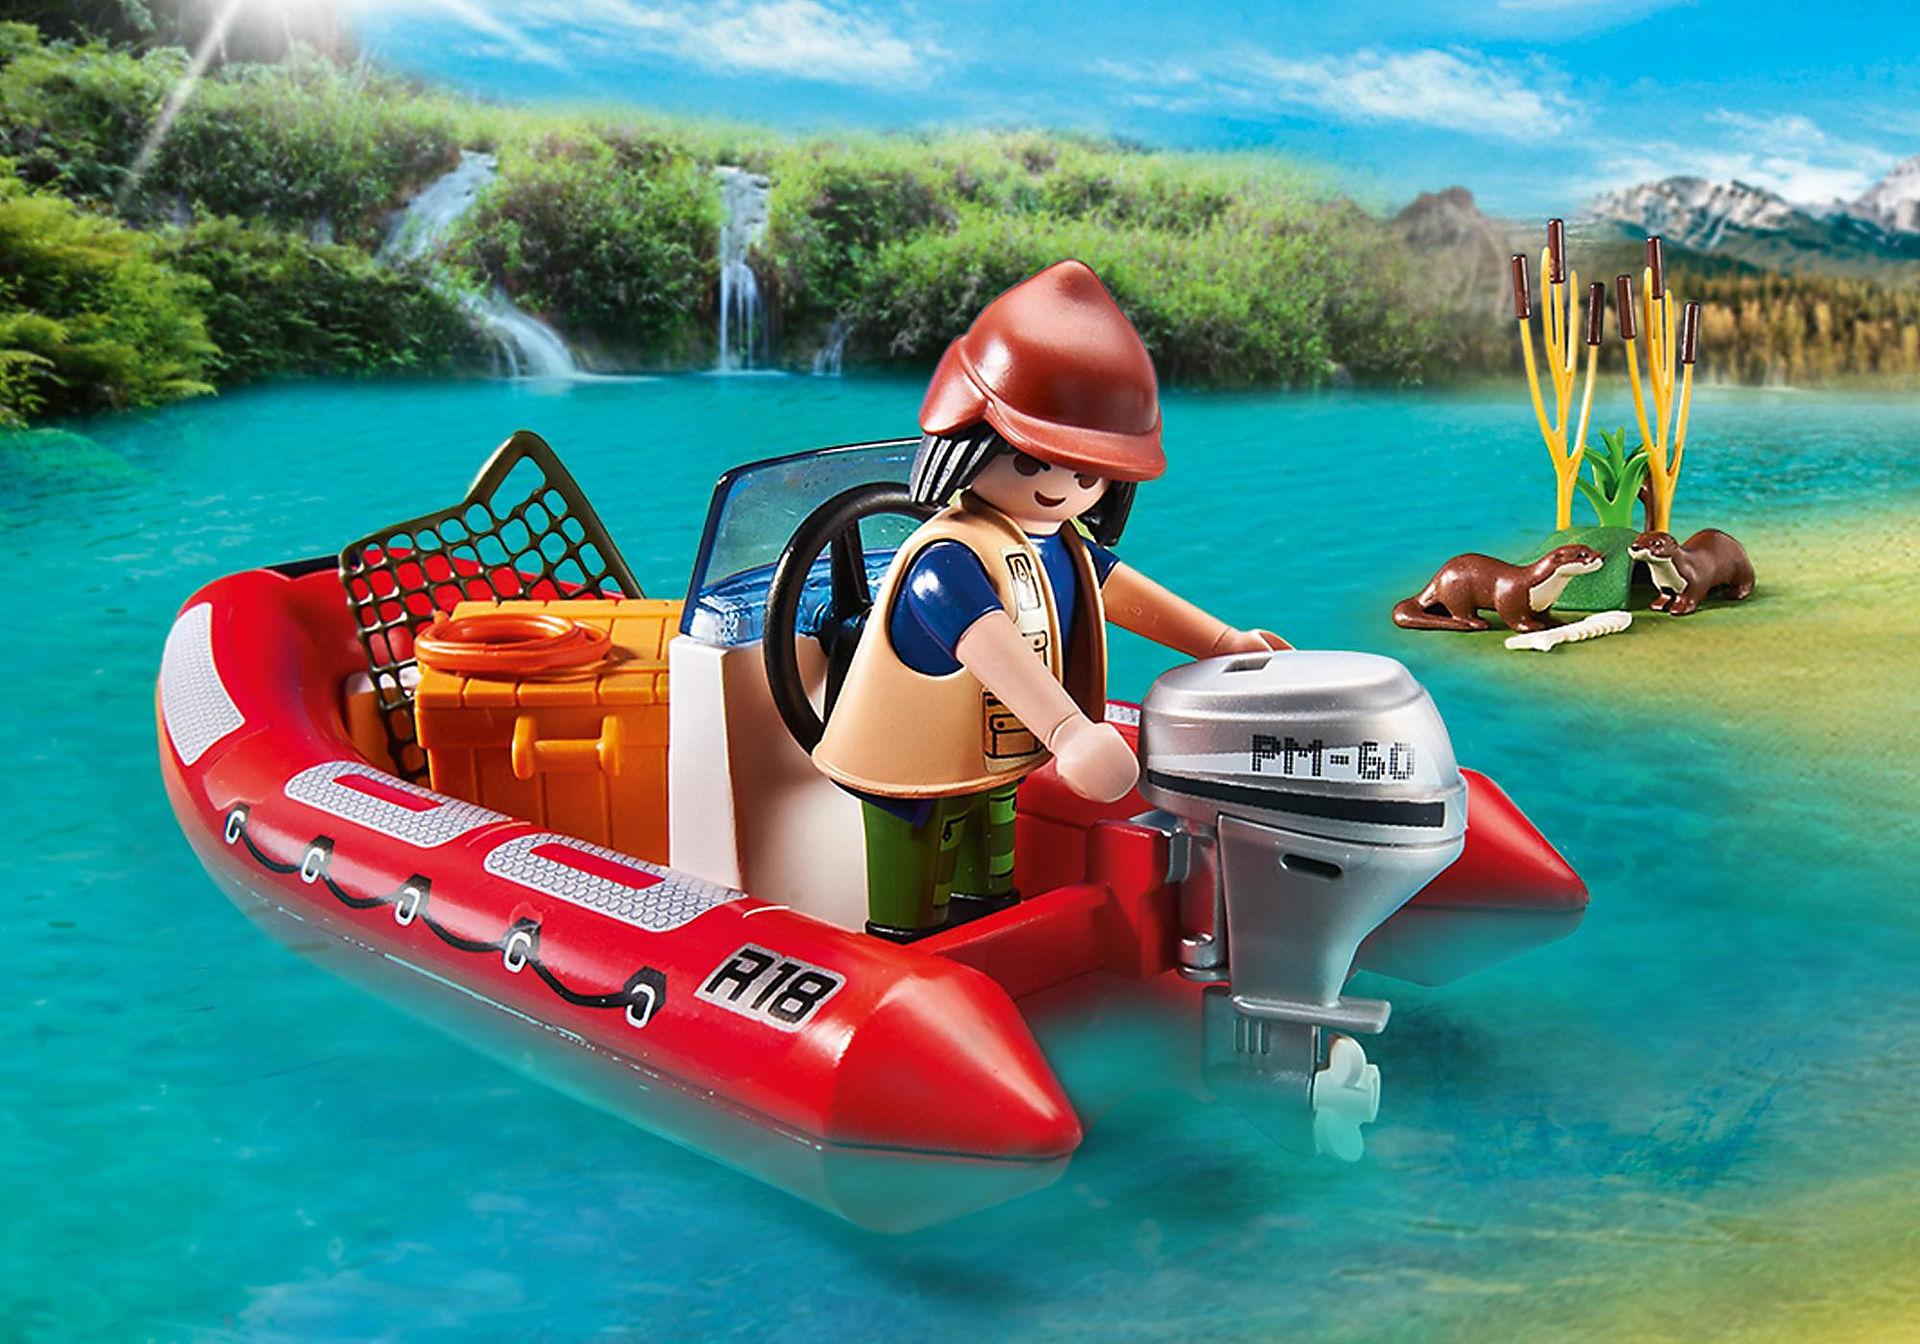 5559 Braconniers avec bateau  zoom image5